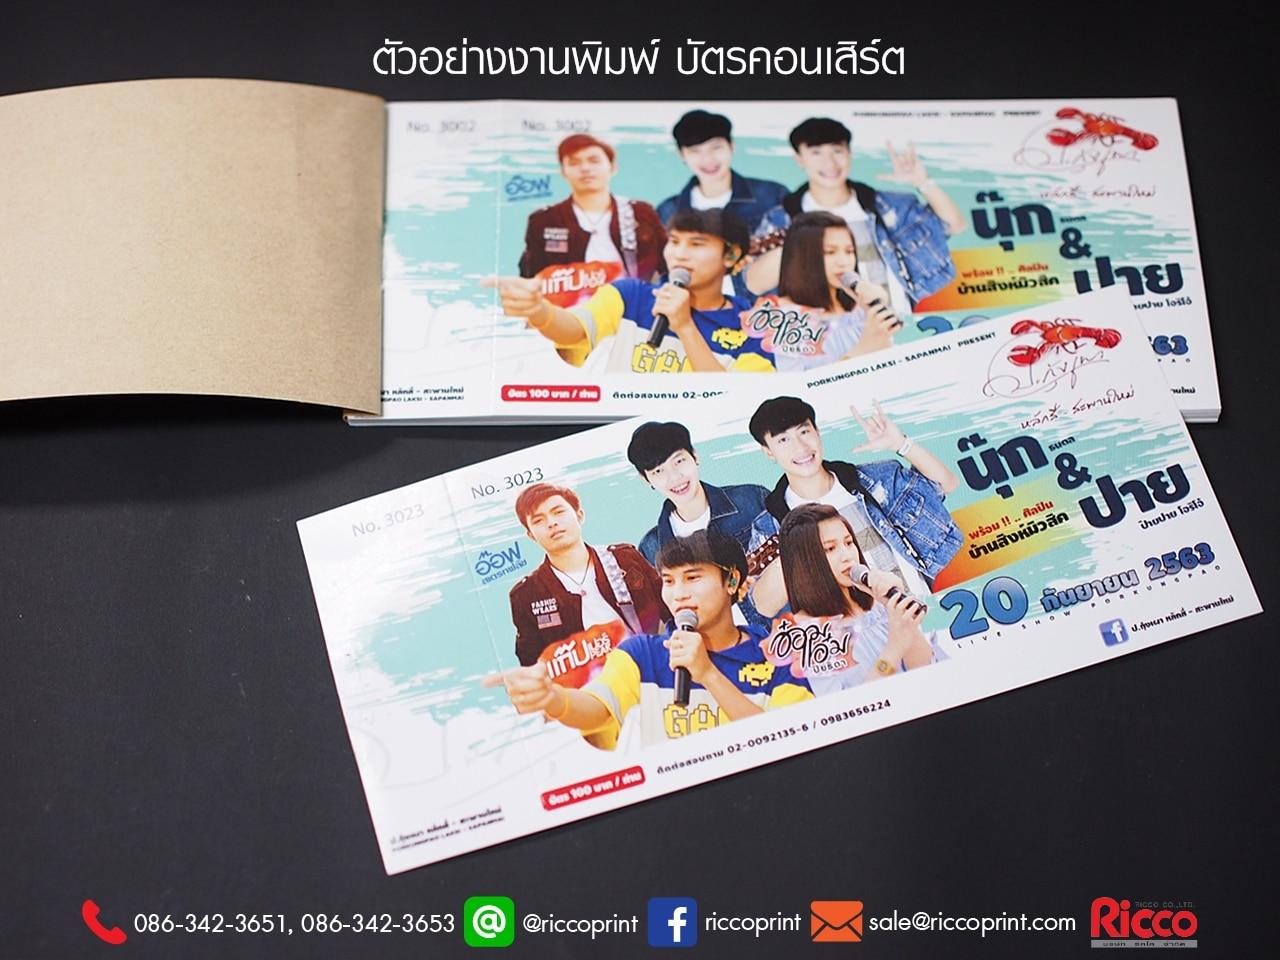 รูป Ticket 2020 ConcertBaanSing4 - ประกอบเนื้อหา คูปอง บัตรกำนัล ตั๋ว